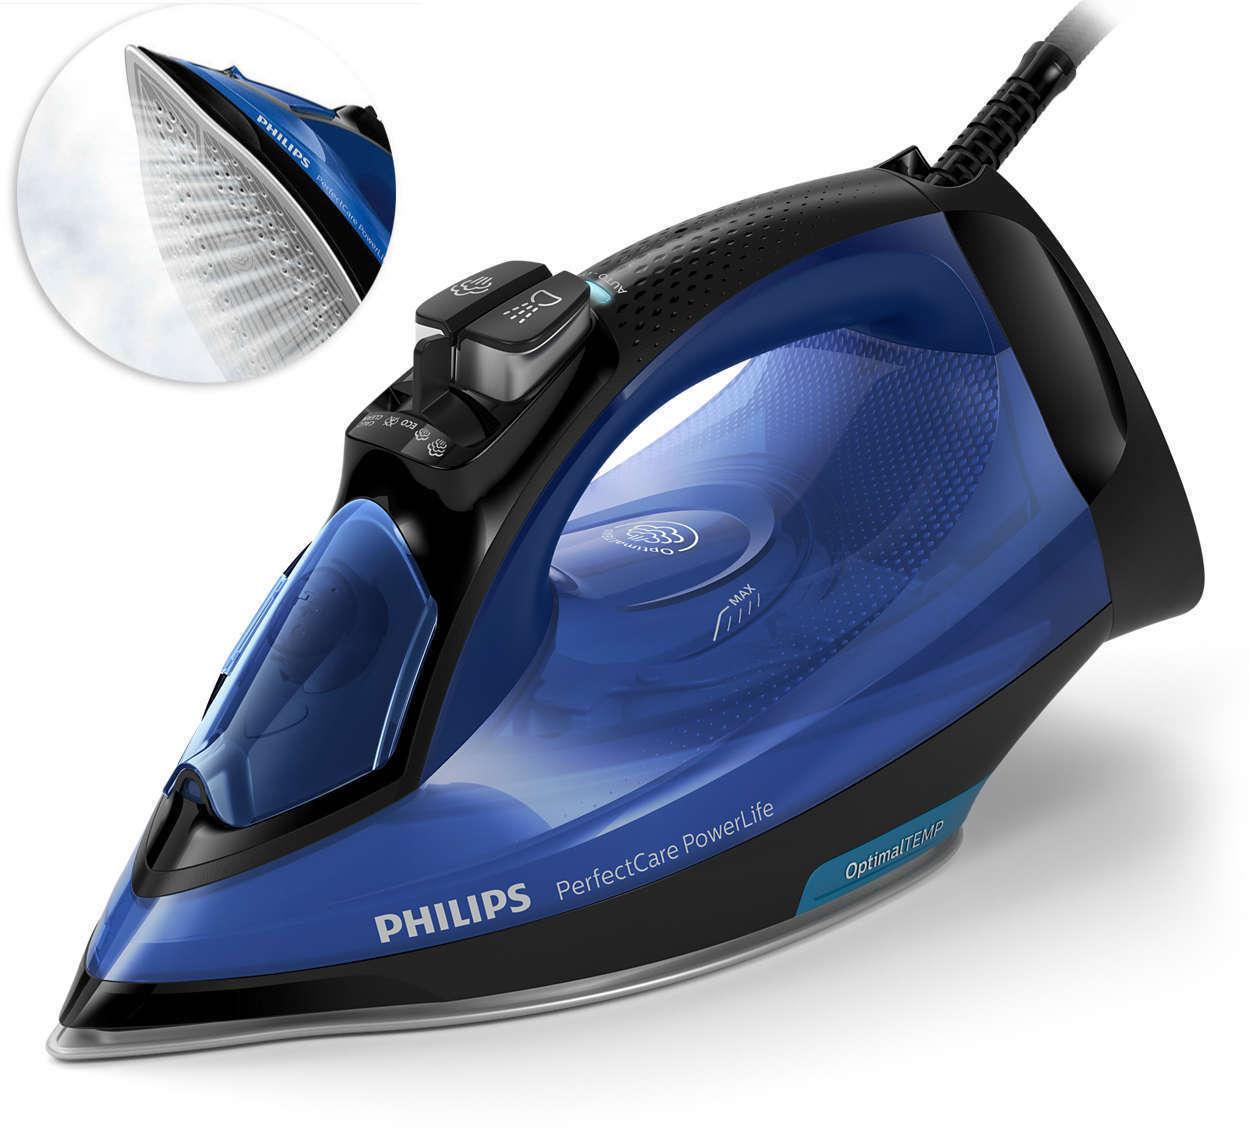 Philips PerfectCare GC3920/24